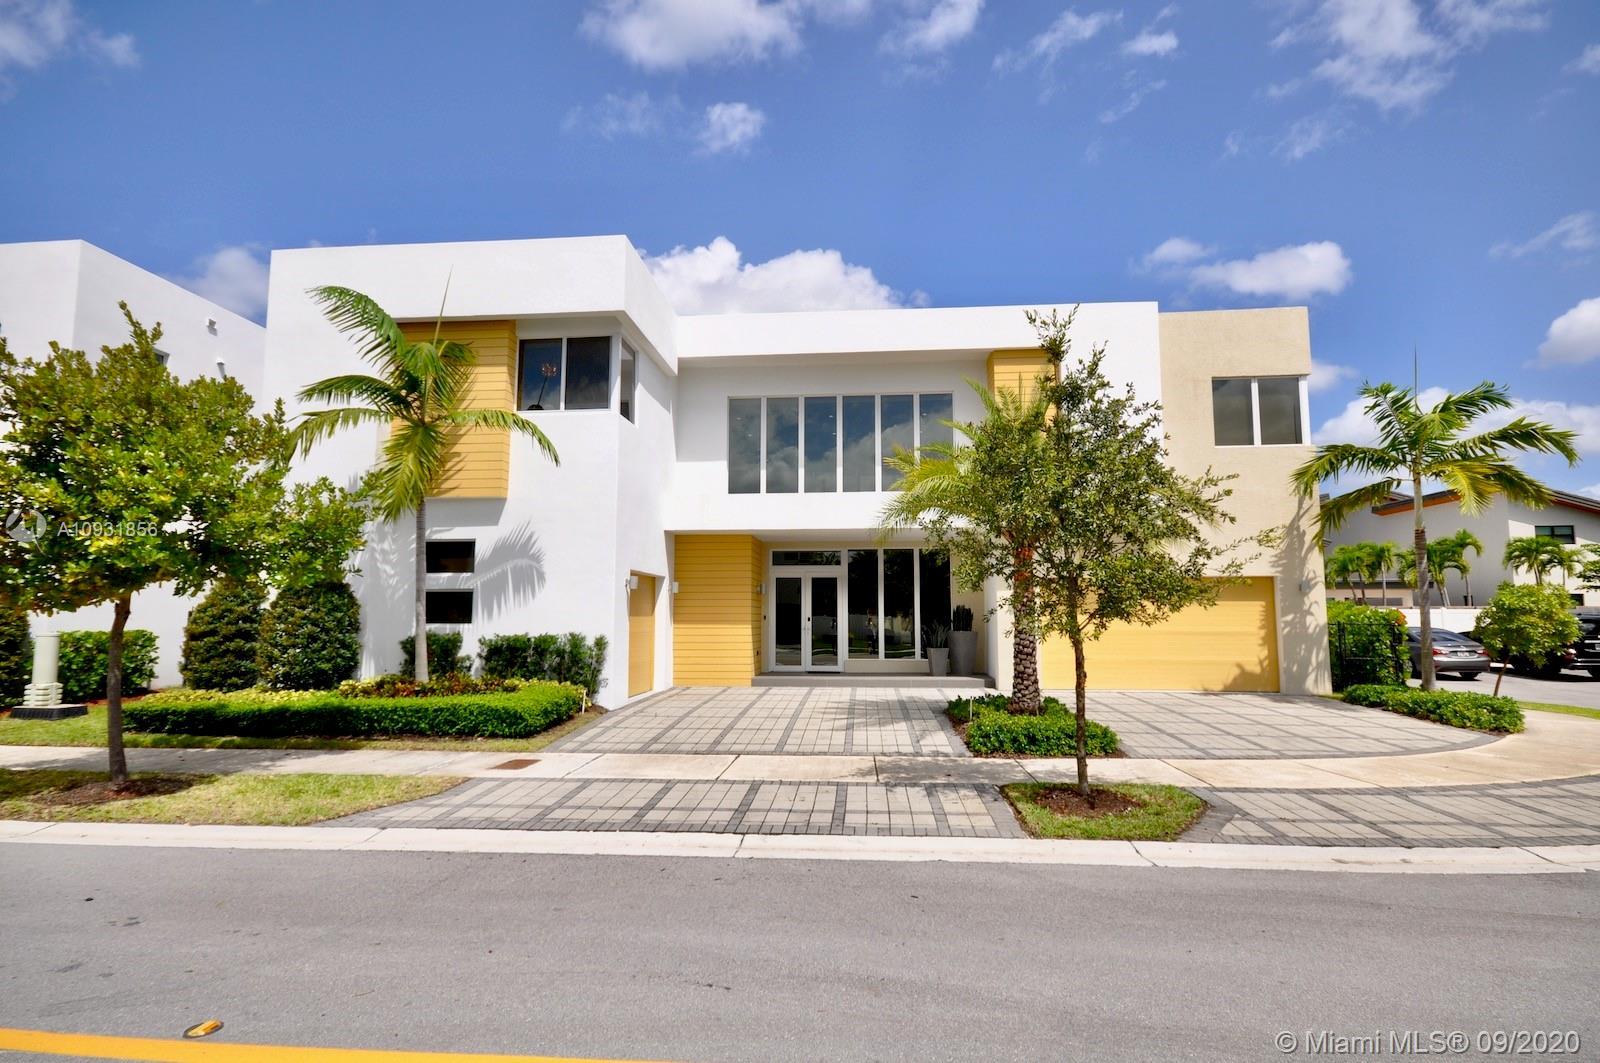 10223 75th Ter, Doral, Florida 33178